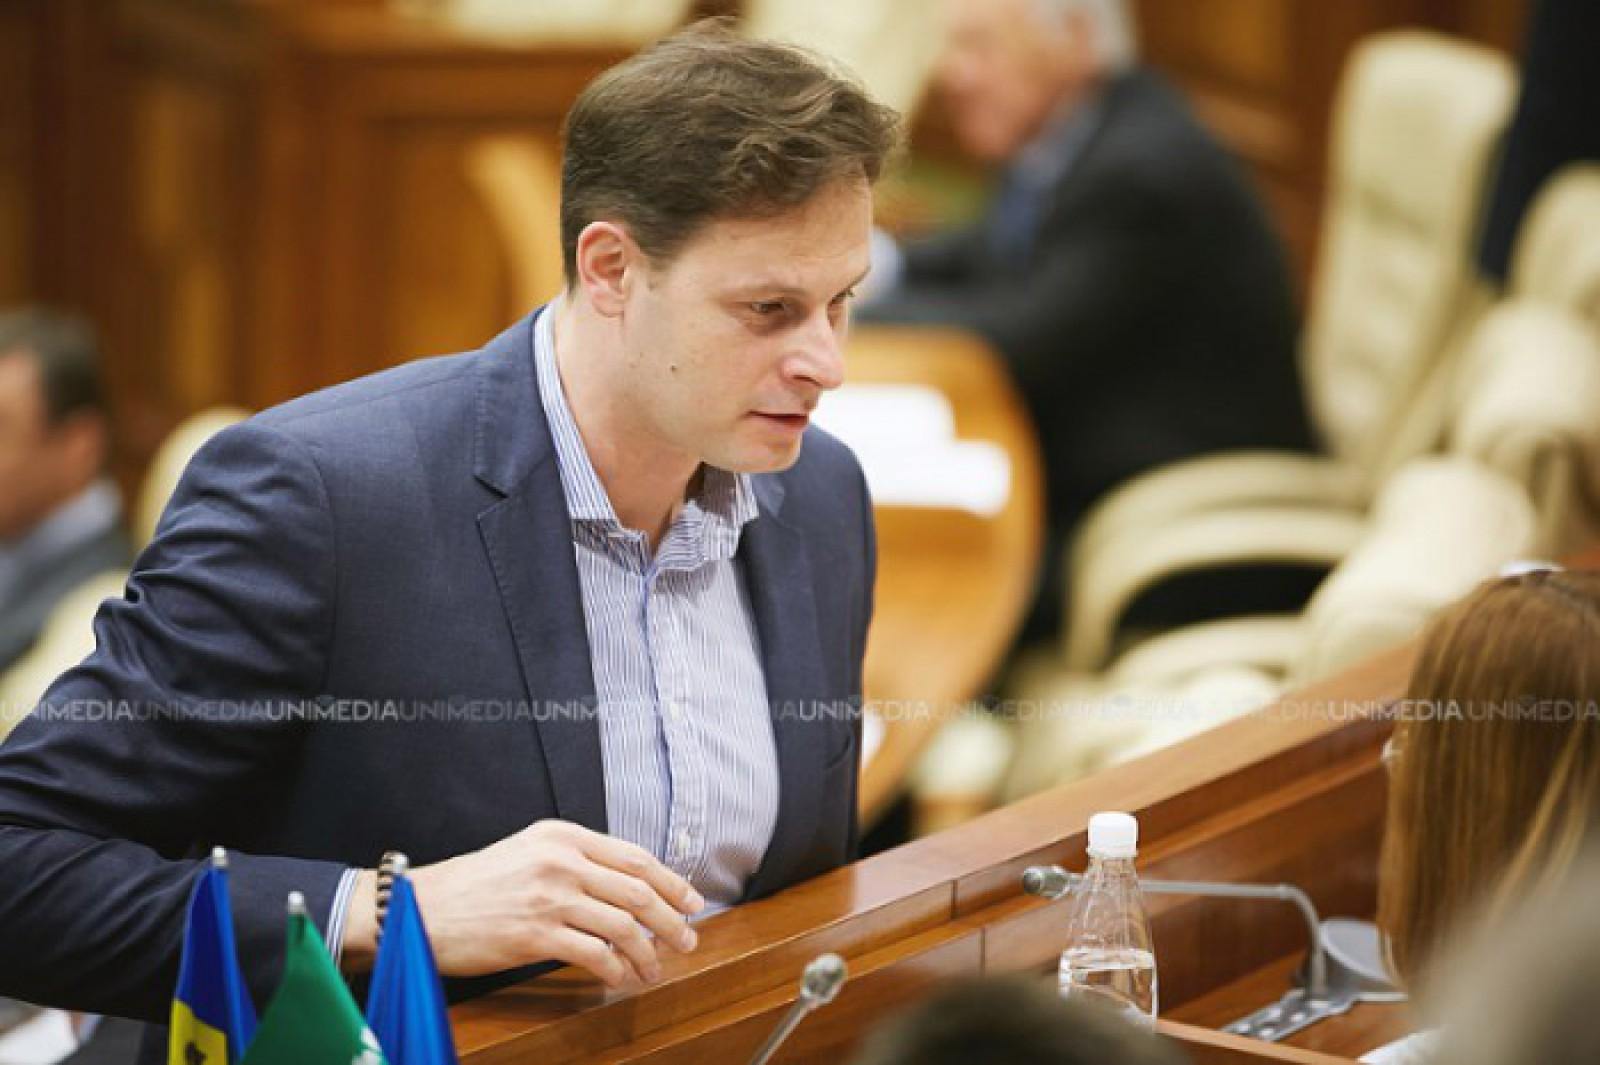 Încă 30 de zile de arest la domiciliu pentru fostul deputat Chiril Lucinschi. Dosarul ar putea fi trimis în judecată peste o lună